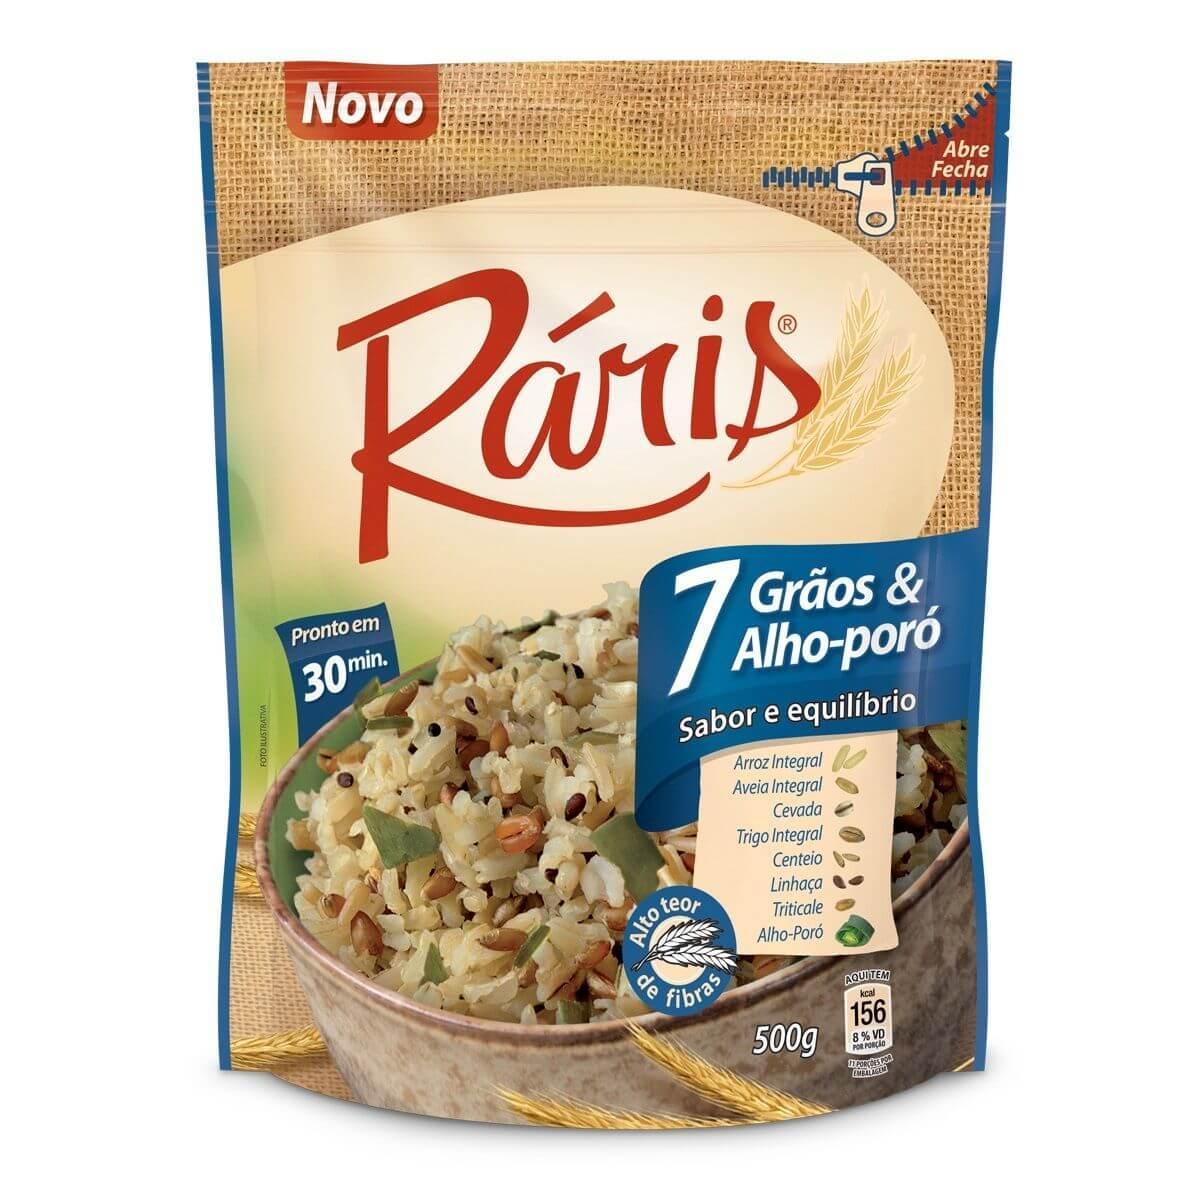 ARROZ RARIS 7 GRÃOS & ALHO PORÓ 500G